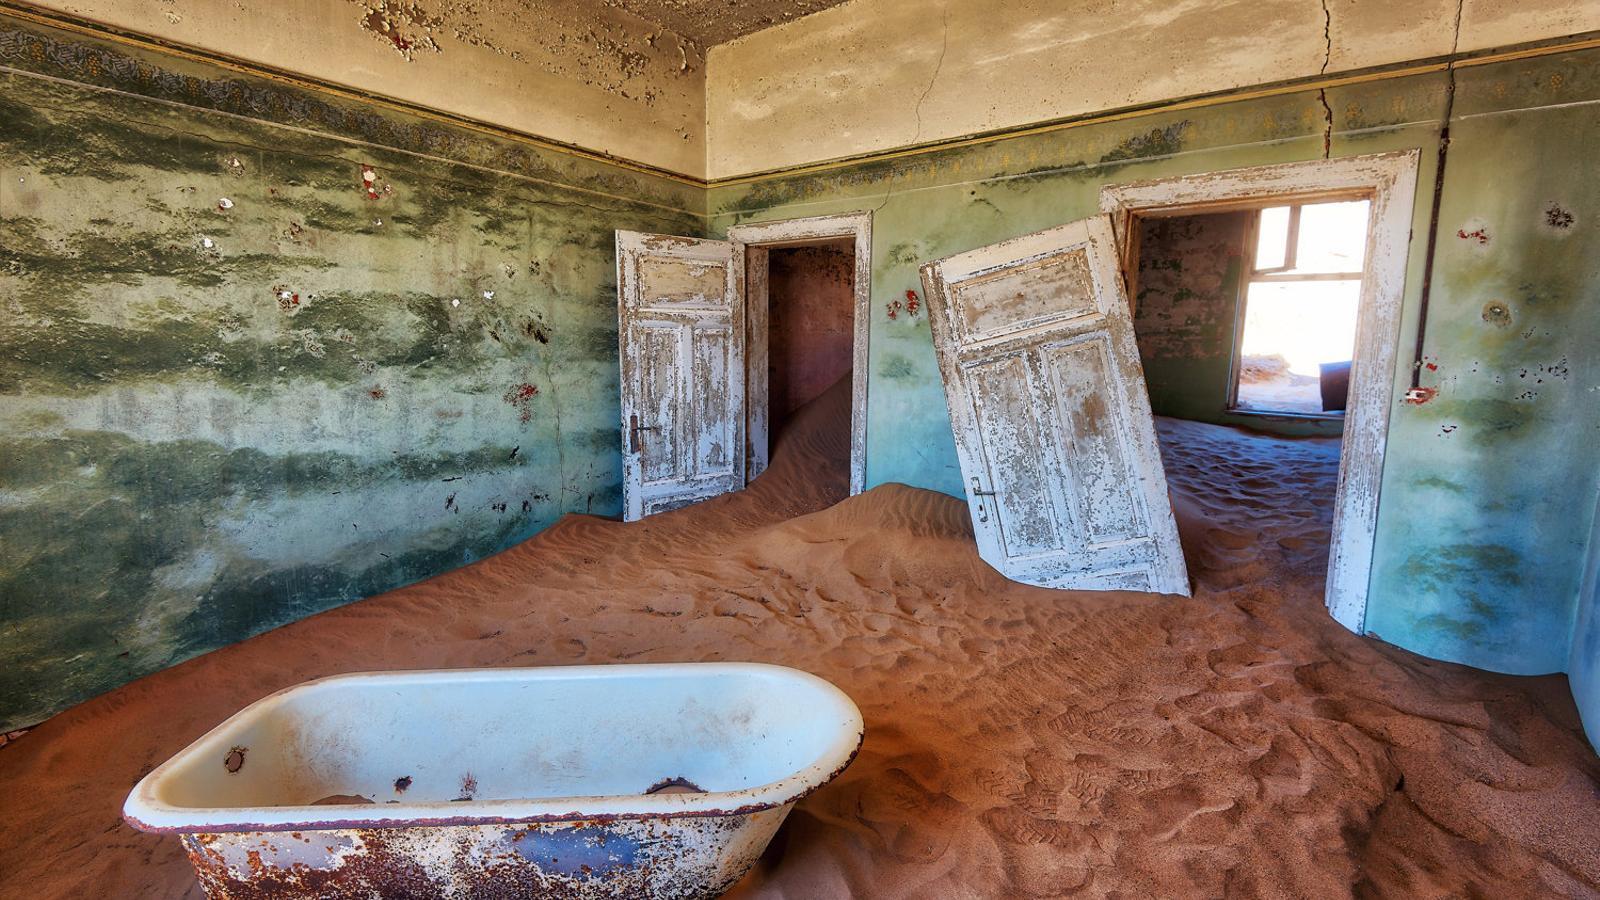 Els guies del museu en què s'ha convertit Kolmanskop adverteixen els visitants que no es deixin enlluernar per la bellesa i estiguin atents quan decideixen entrar a les cases que malgrat el vent, la sorra i el pas d'anys en solitud resisteixen dretes. I una cosa, els pocs vidres que sobreviuen no estan bruts, insisteixen, només tenen un tel de sorra.